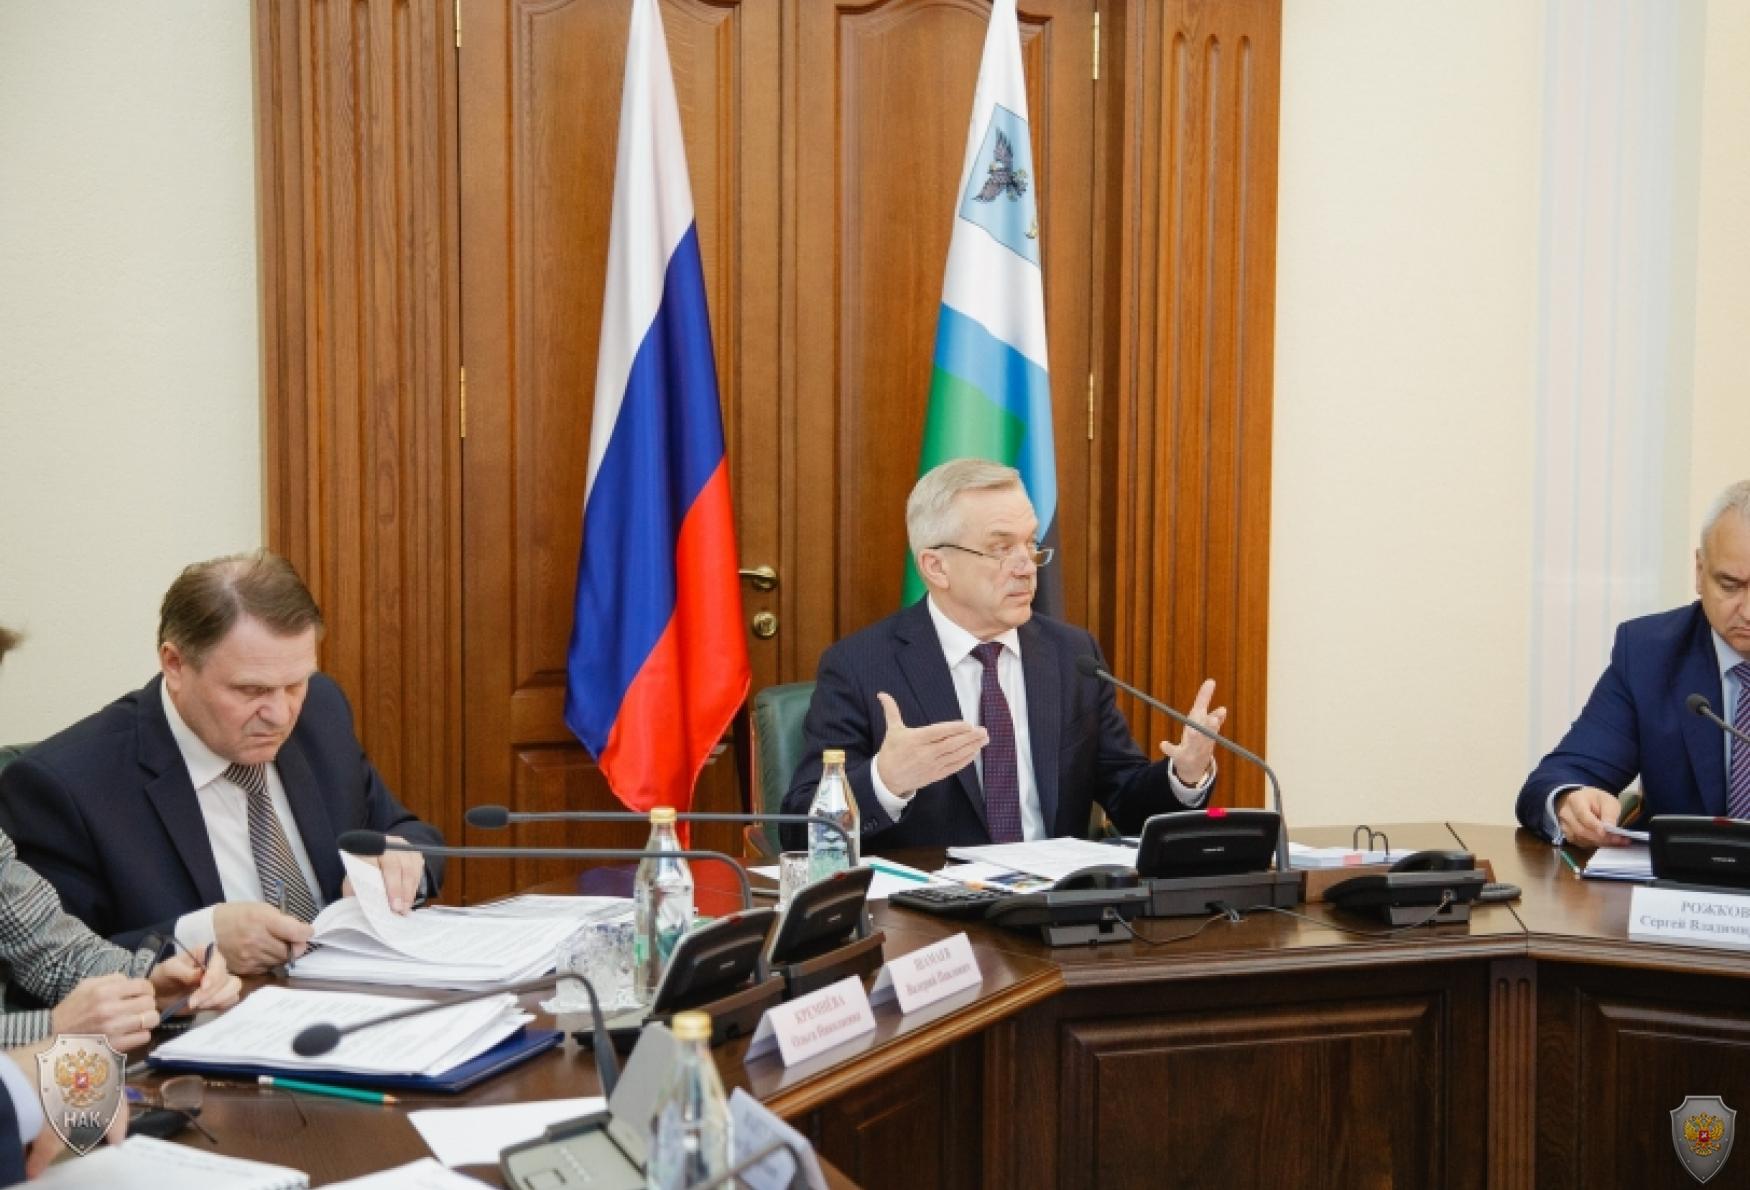 Председатель антитеррористической комиссии в Белгородской области, Губернатор Белгородской области Е.С. Савченко